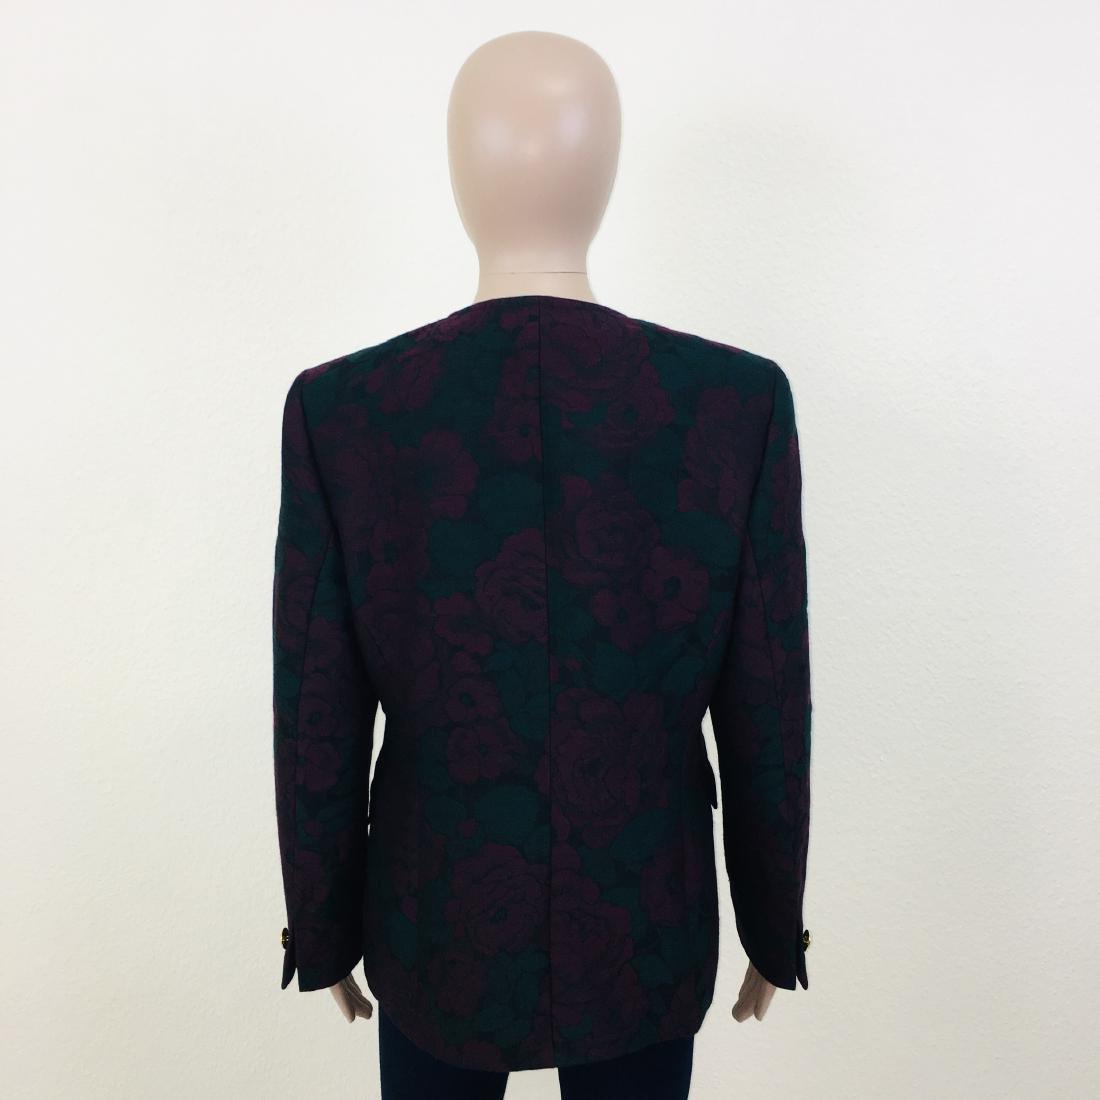 Vintage Women's Designer Blazer Jacket - 7